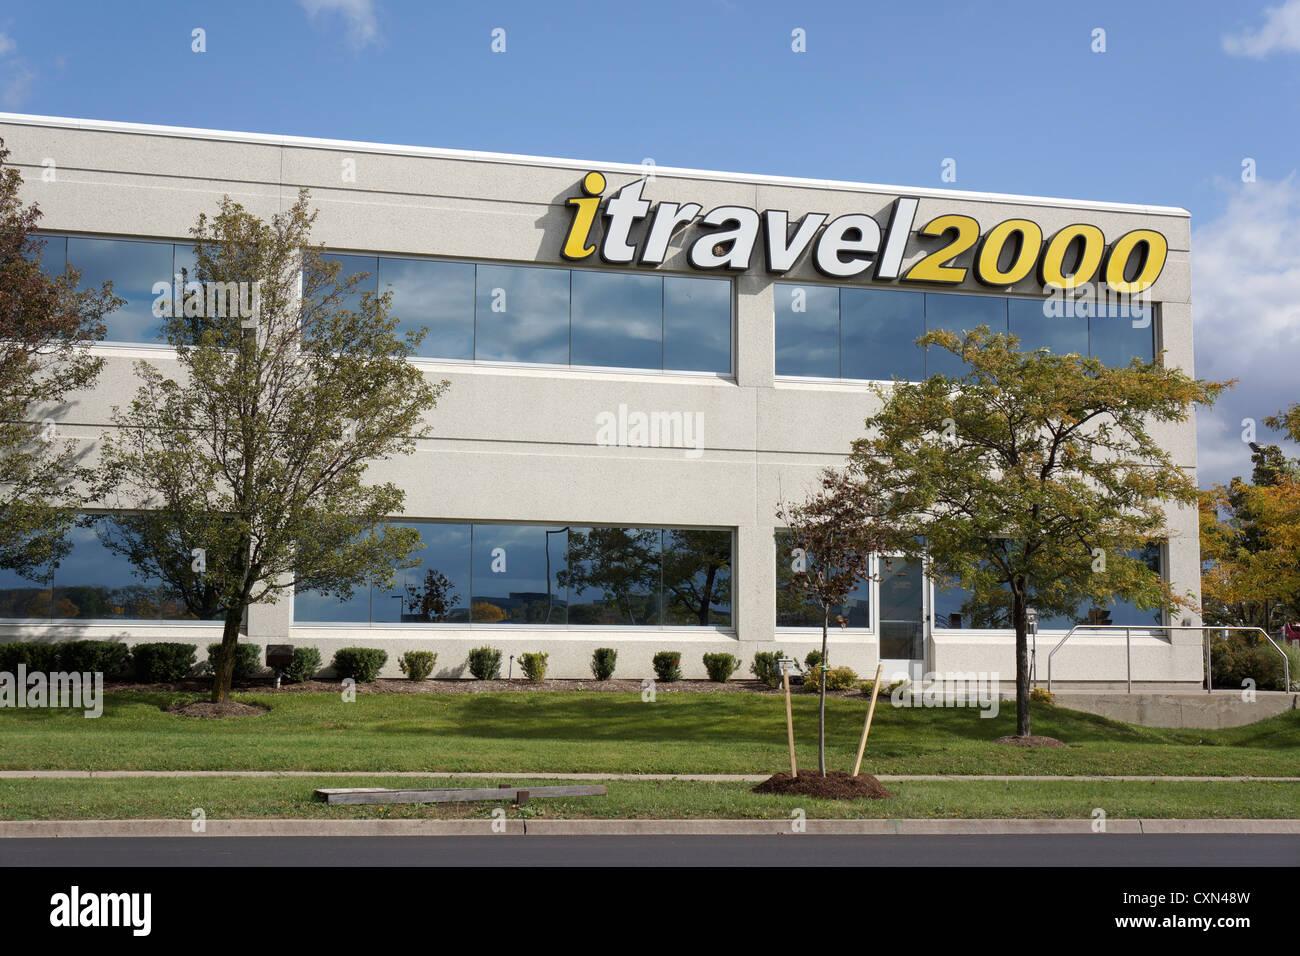 ITravel2000, agenzia di viaggio Ubicazione ufficio, Mississauga, Ontario, Canada Immagini Stock